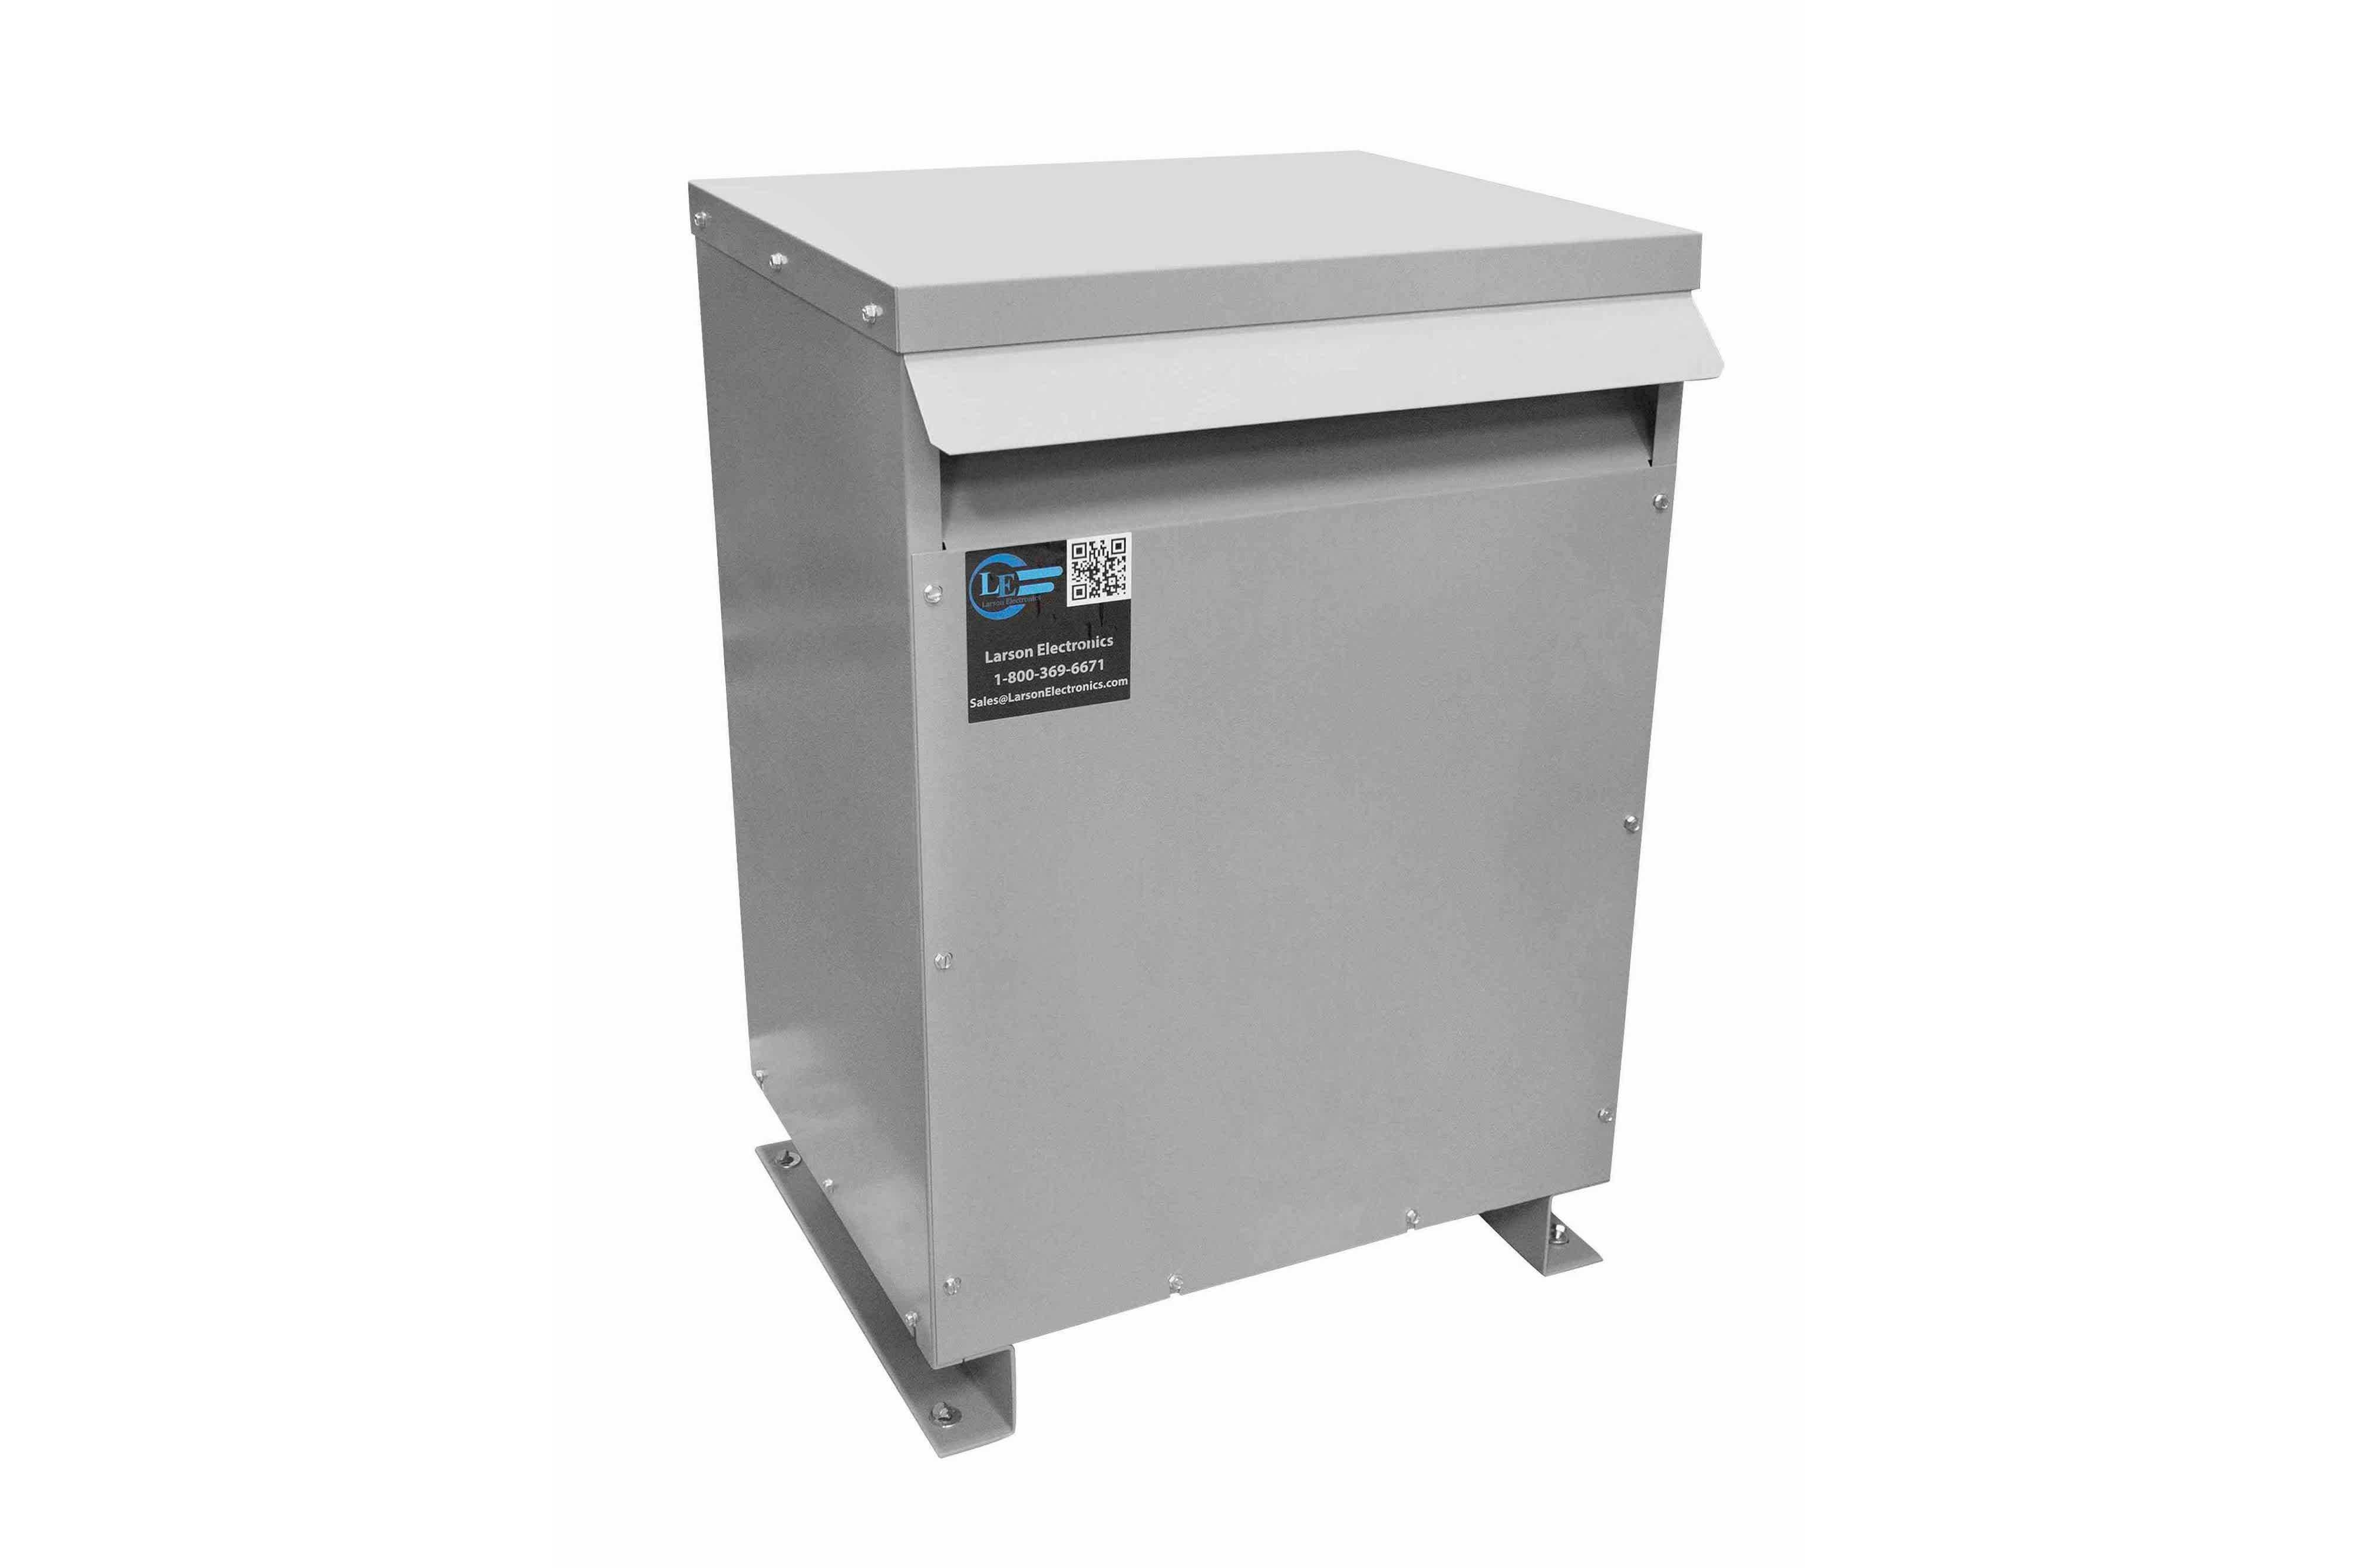 150 kVA 3PH Isolation Transformer, 575V Delta Primary, 240 Delta Secondary, N3R, Ventilated, 60 Hz